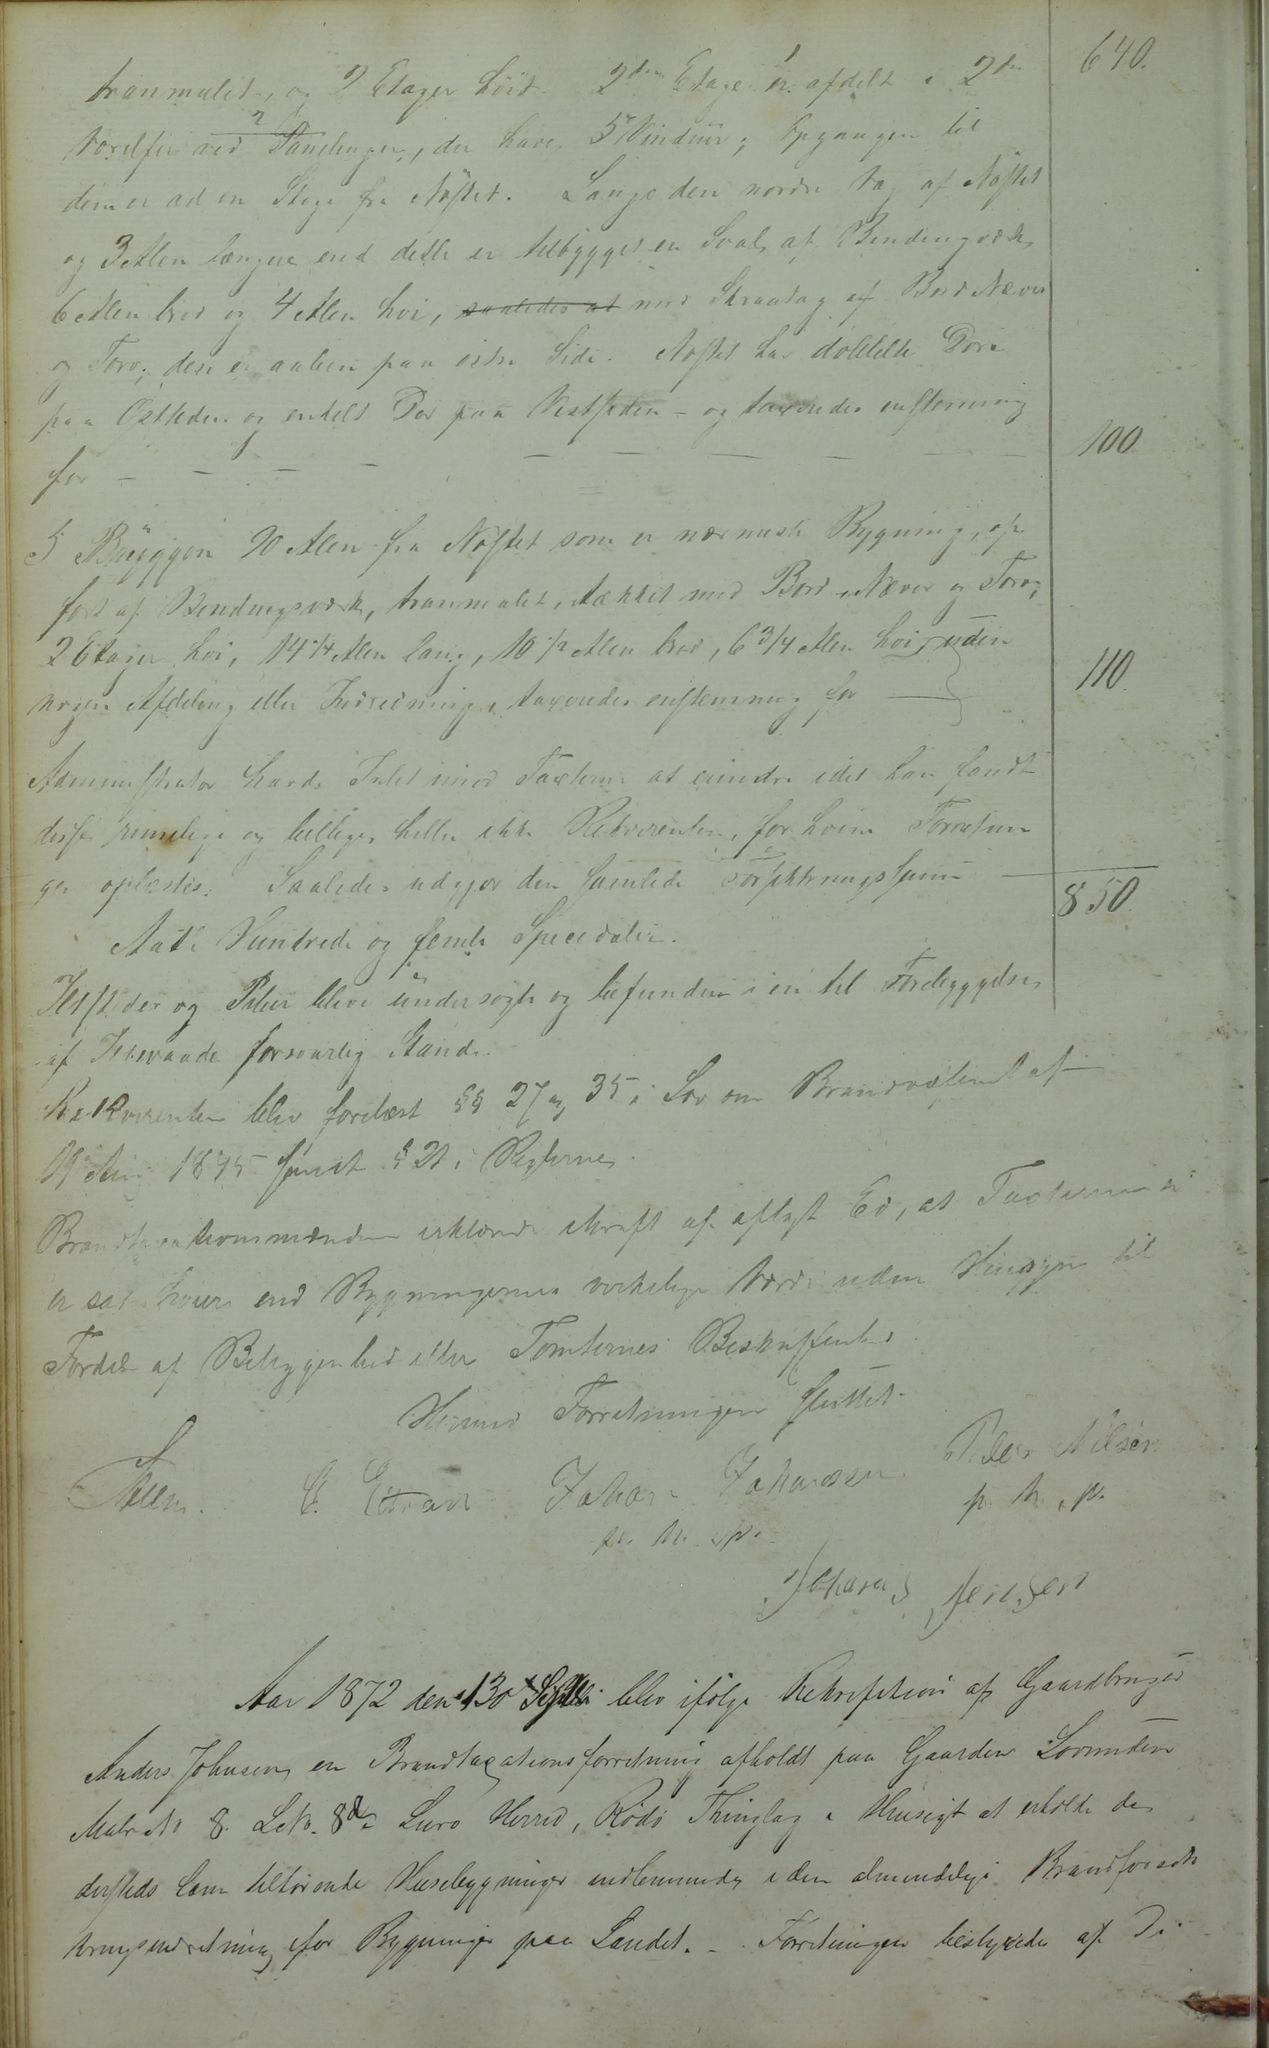 AIN, Lurøy kommune. Formannskapet, 100/L0001: Møtebok, 1836-1898, s. 61b